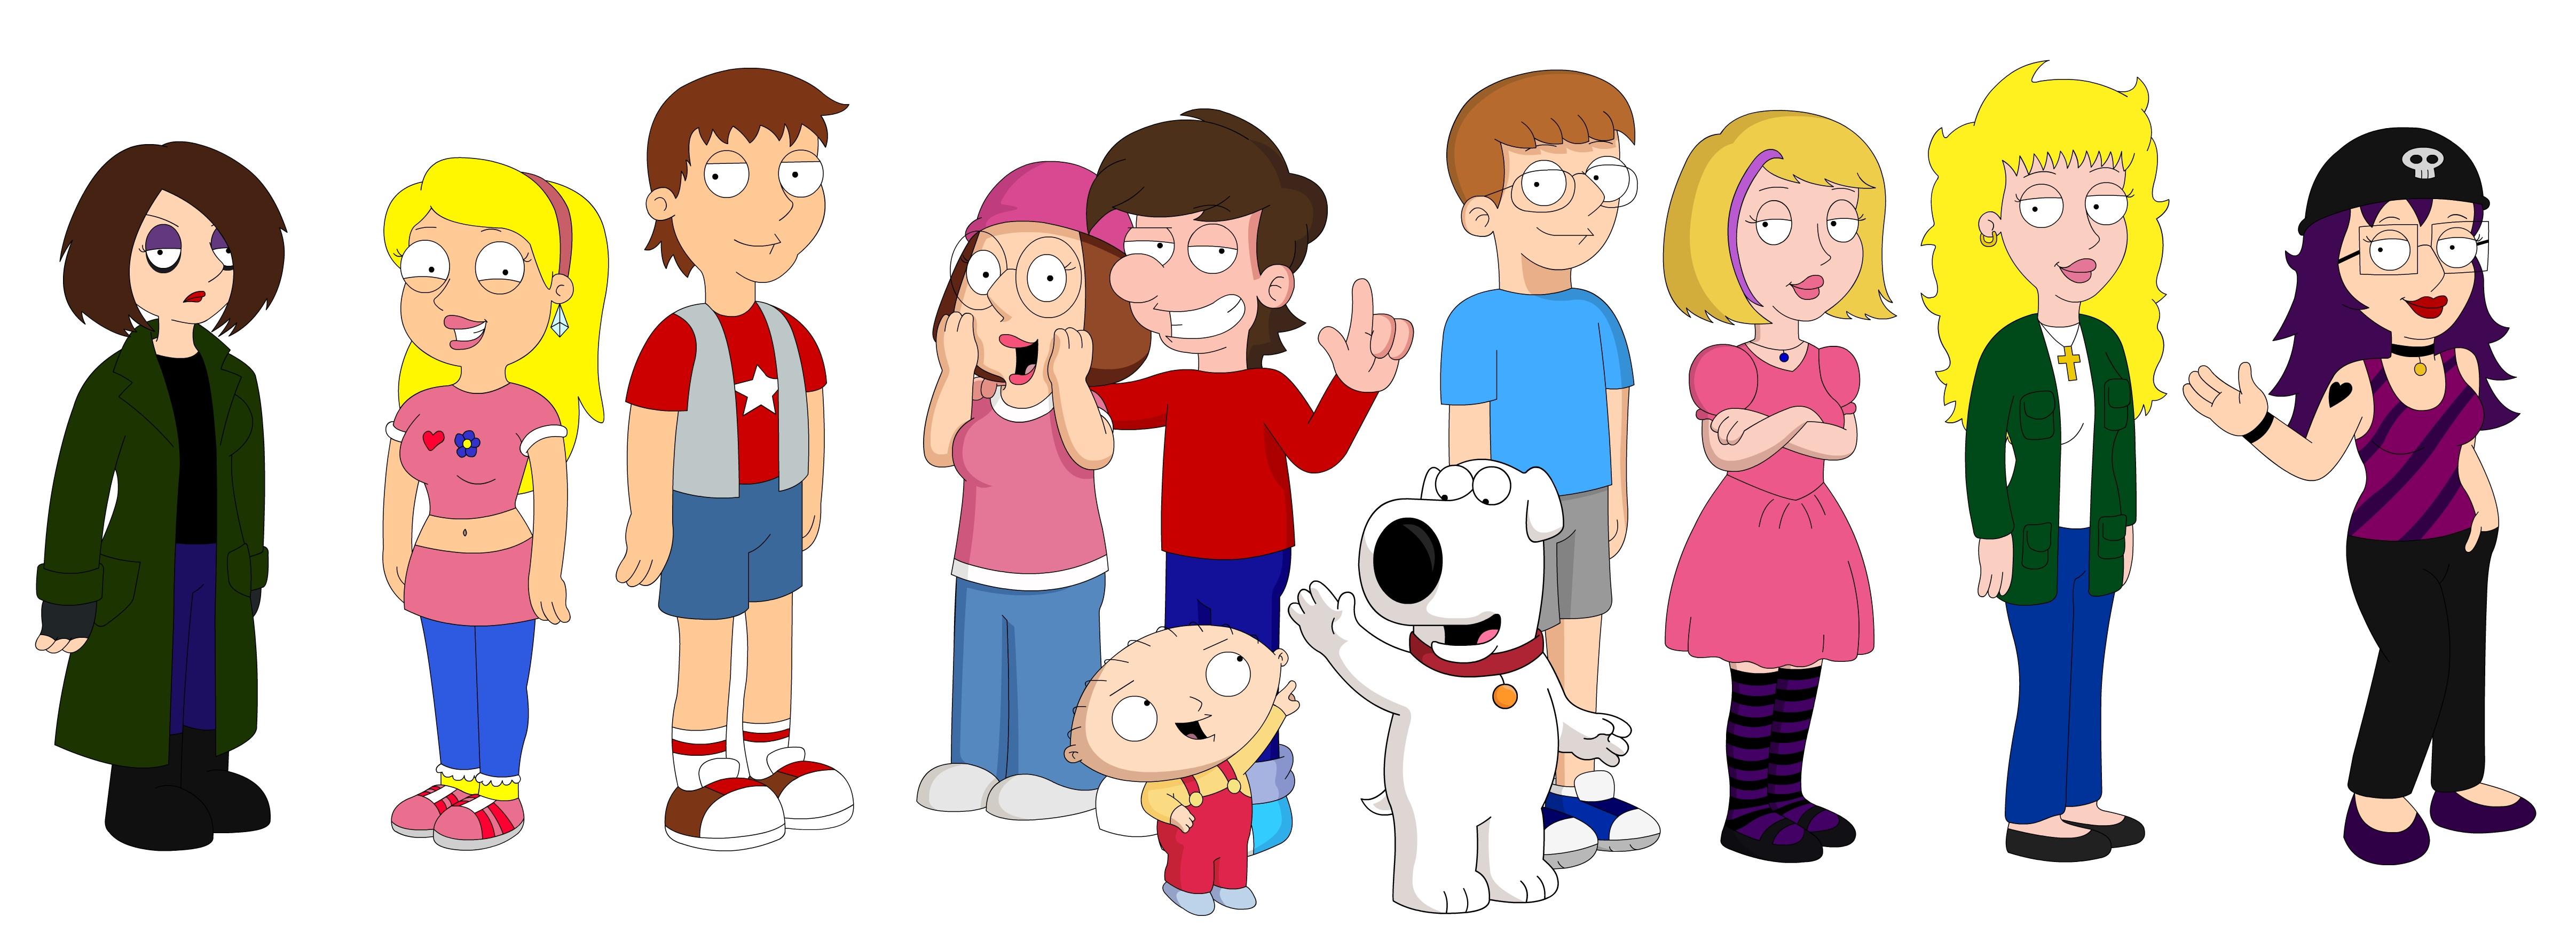 Image Result For Family Guy Meg